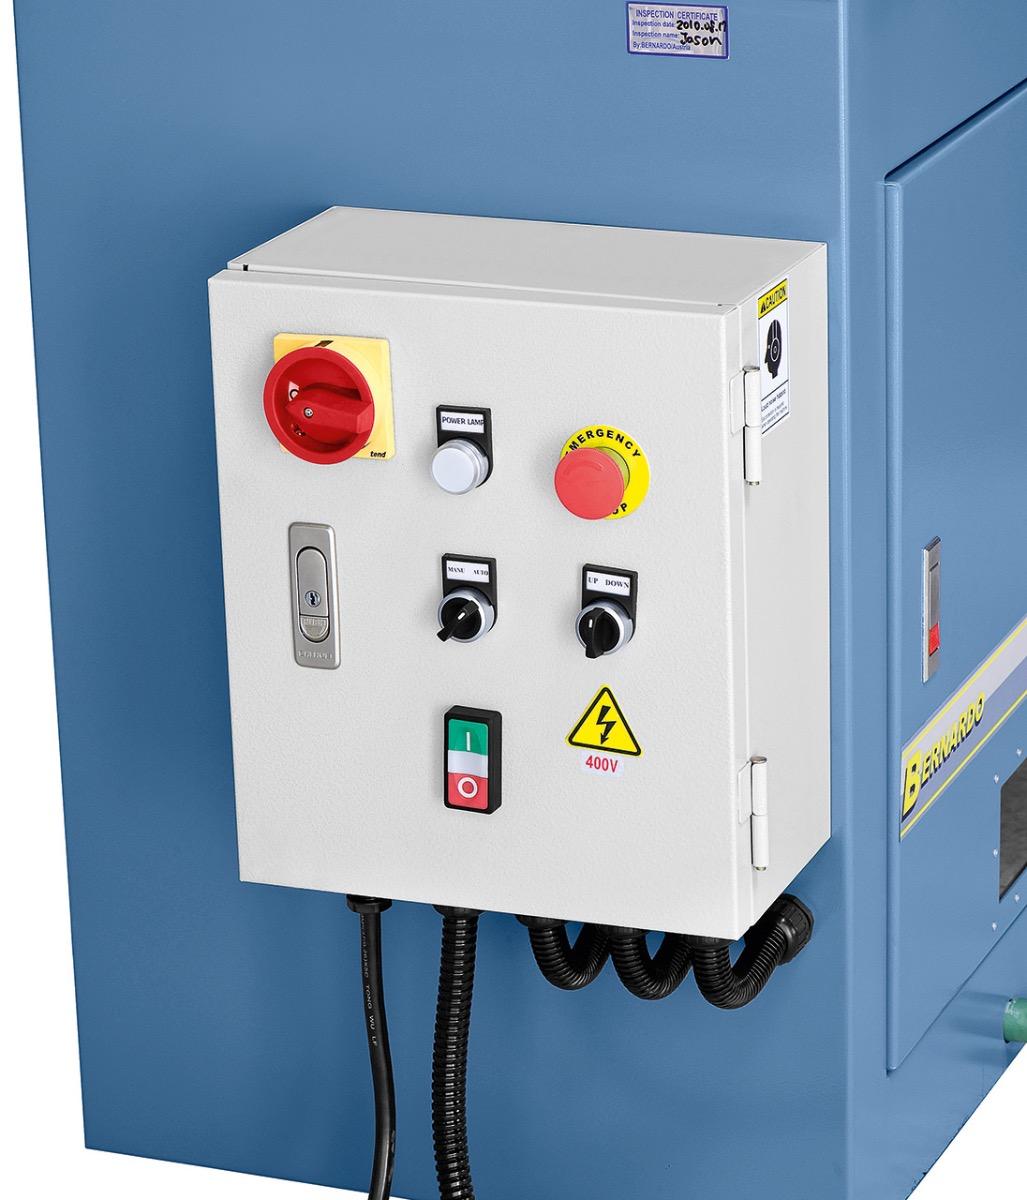 Übersichtlich angebrachte Schaltelemente direkt am Elektrokasten.